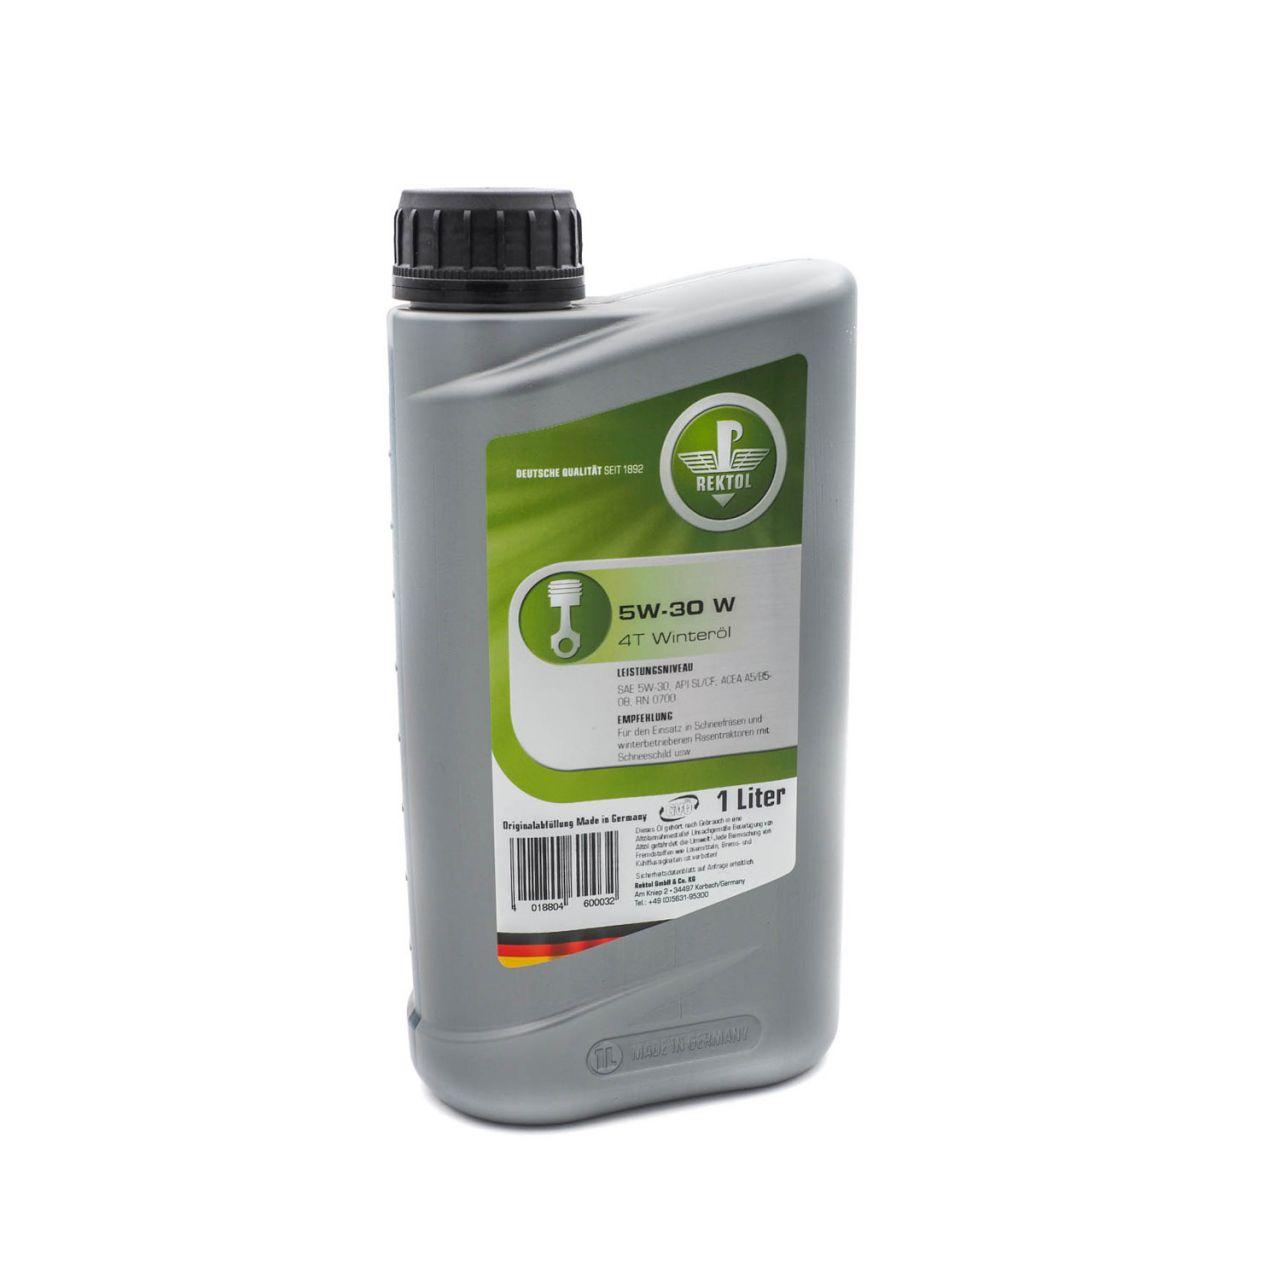 Rektol Winteröl 5W30 W 4T für Schneefräsen und Rasentraktoren (1 Liter) RK_002